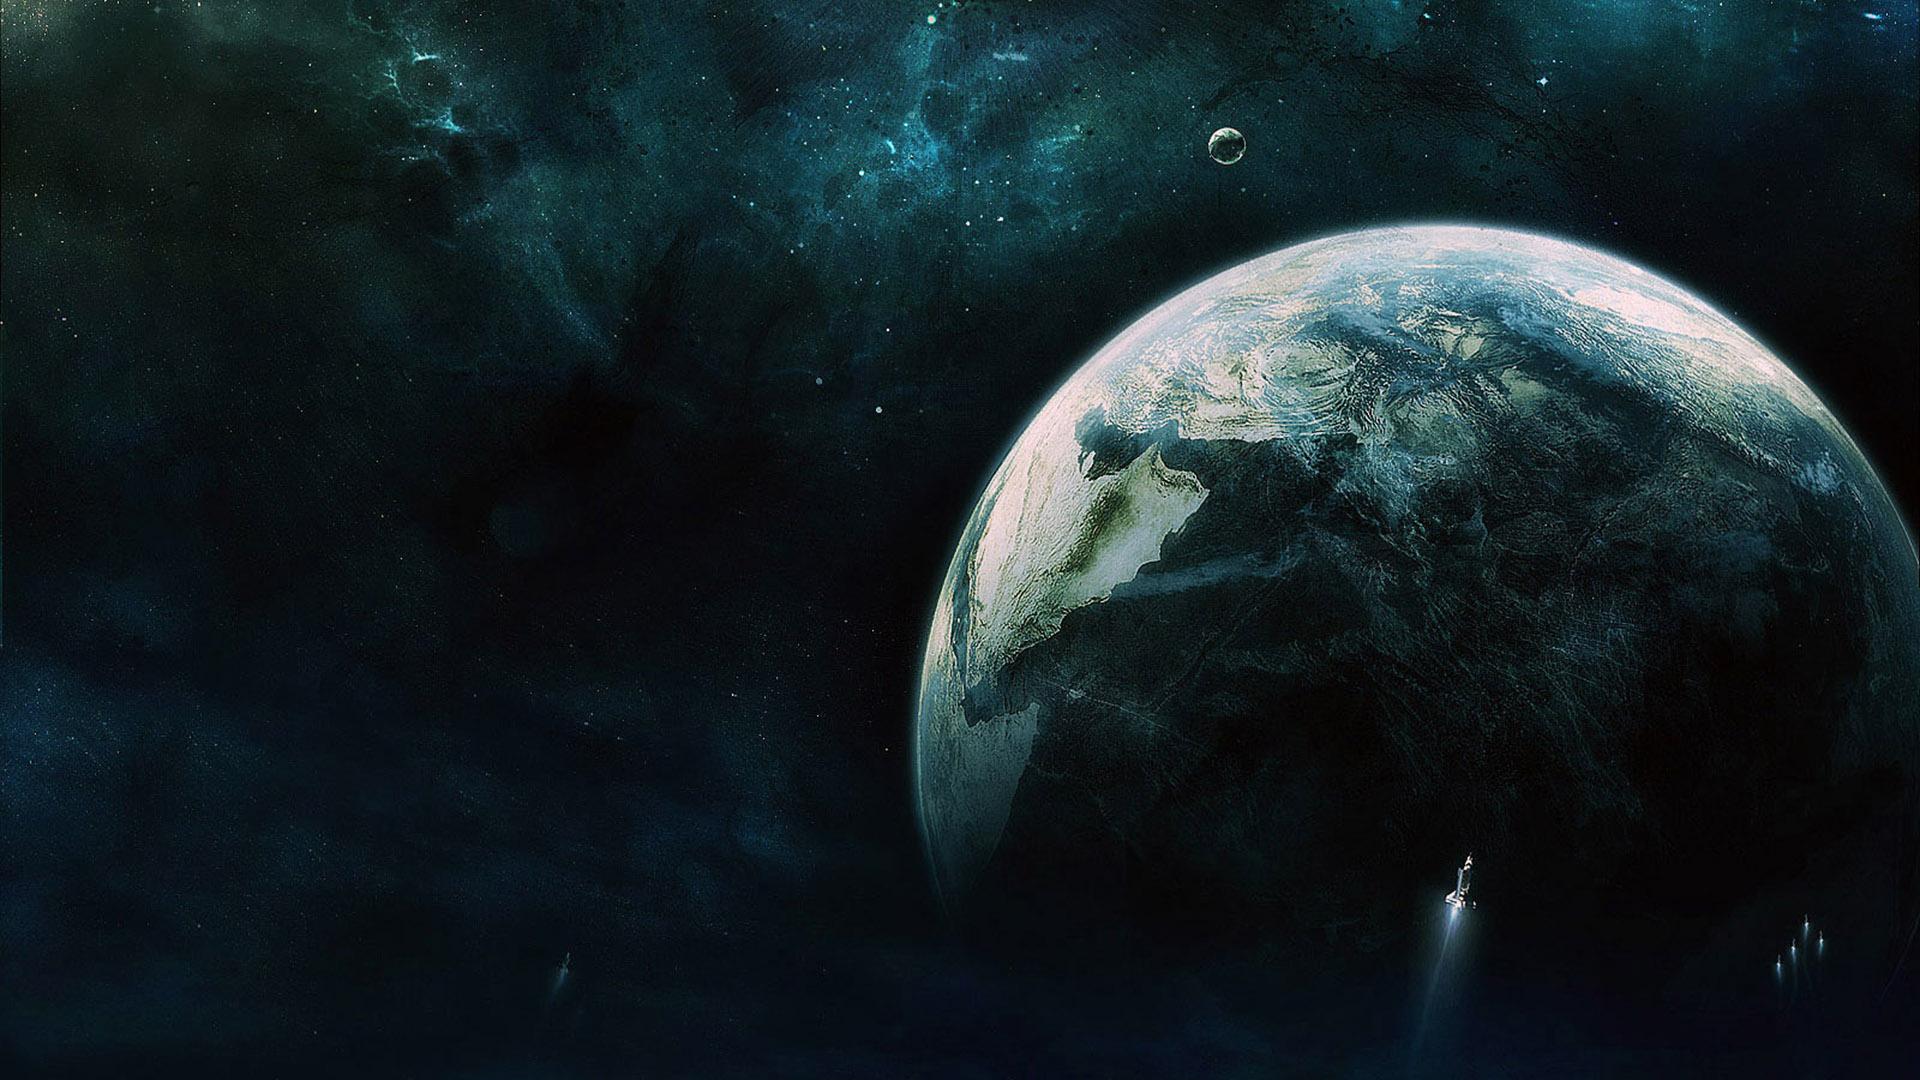 Обои космос планета корабль картинки на рабочий стол на тему Космос - скачать  № 3125500  скачать